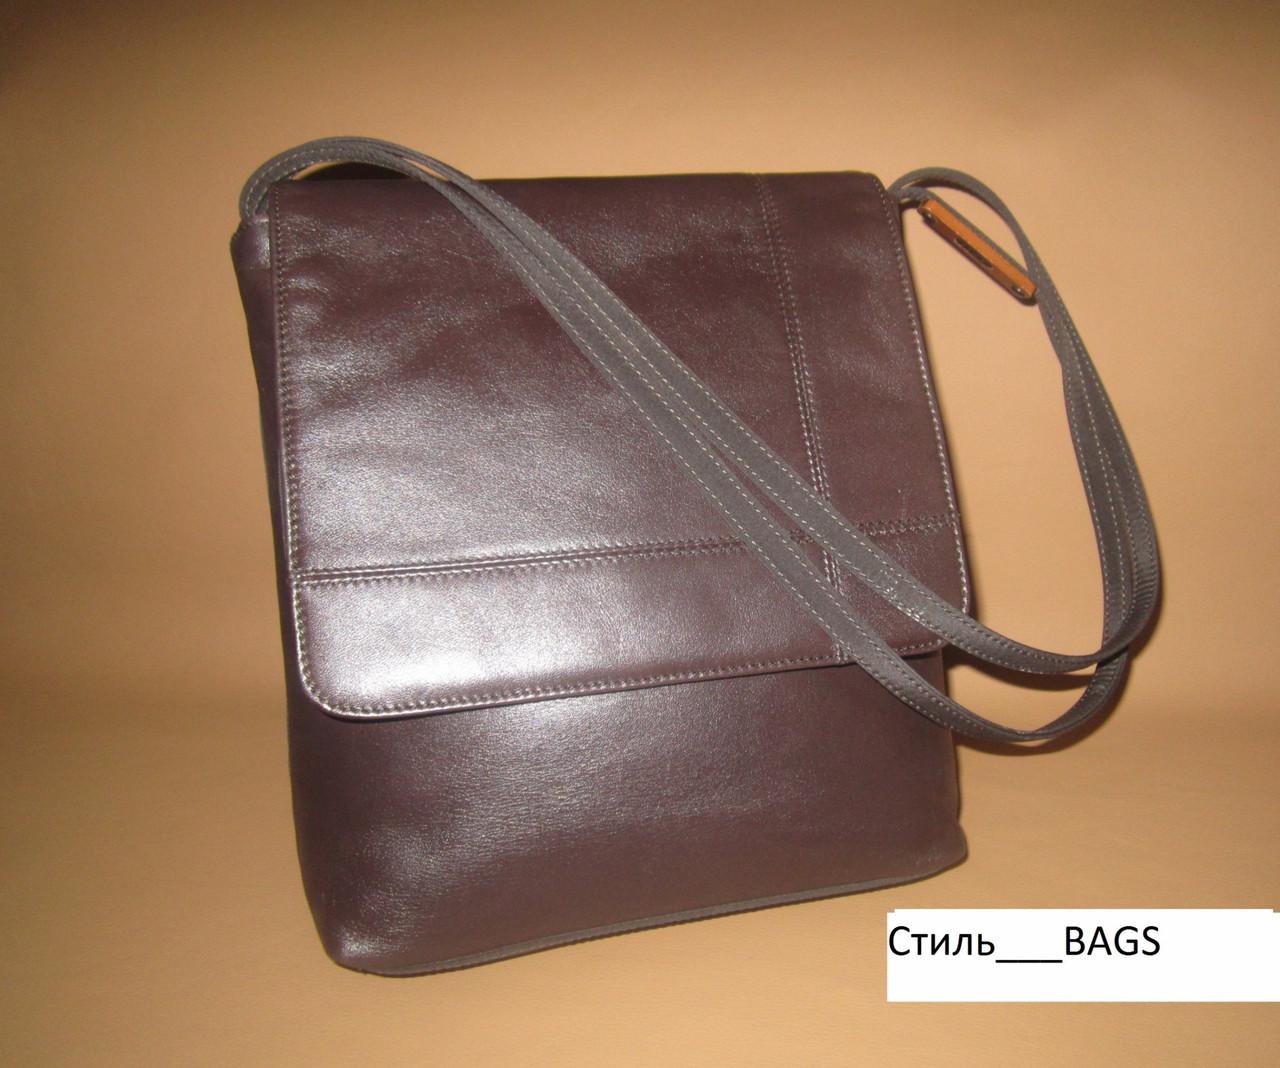 Стильная сумка нат. кожа и текстиль ELLE Франция